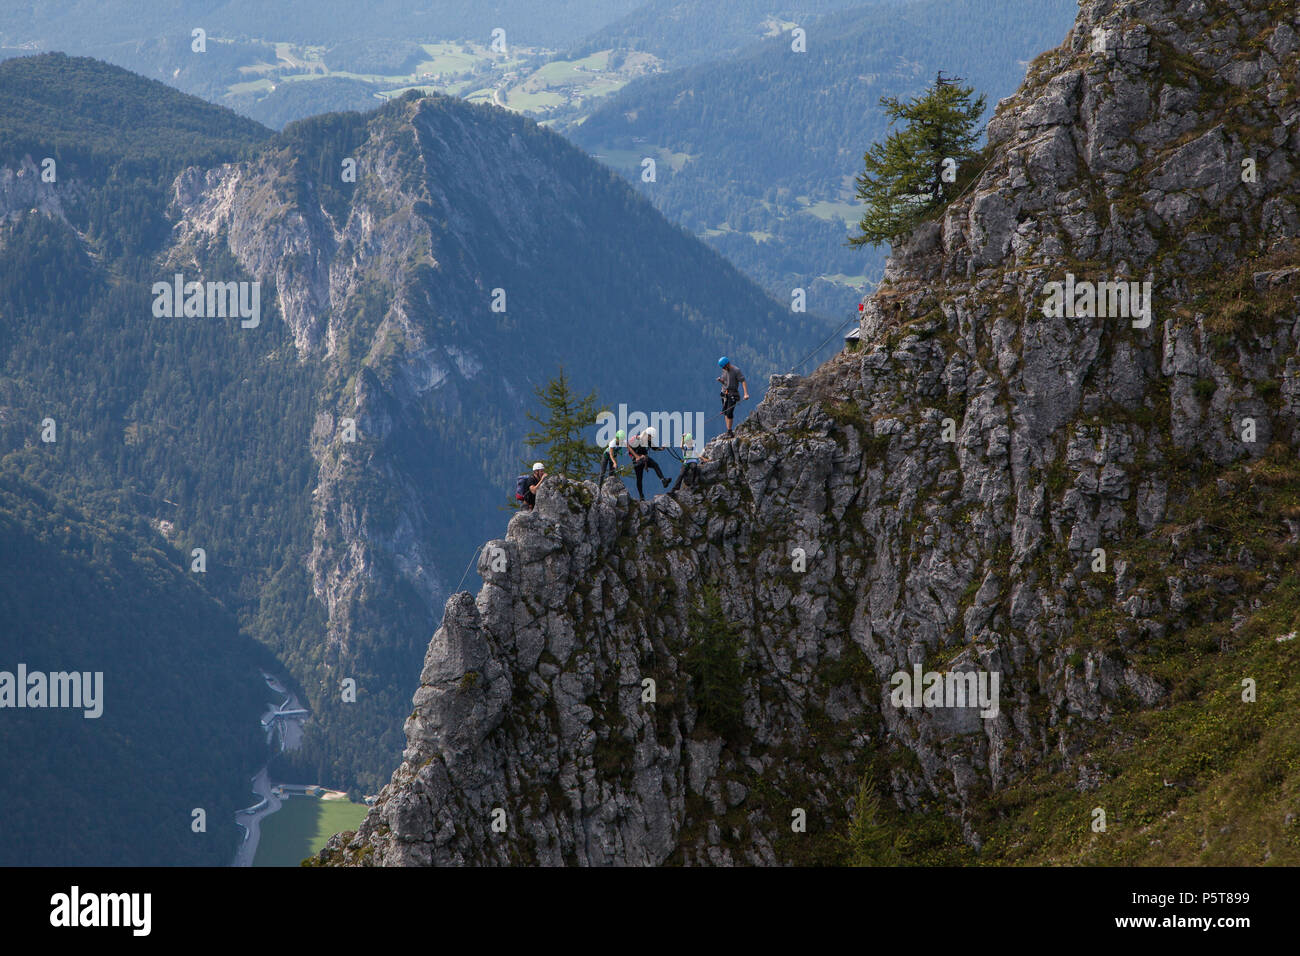 Klettersteig Jenner : Klettersteig am jenner berchtesgadener land bergpanorama